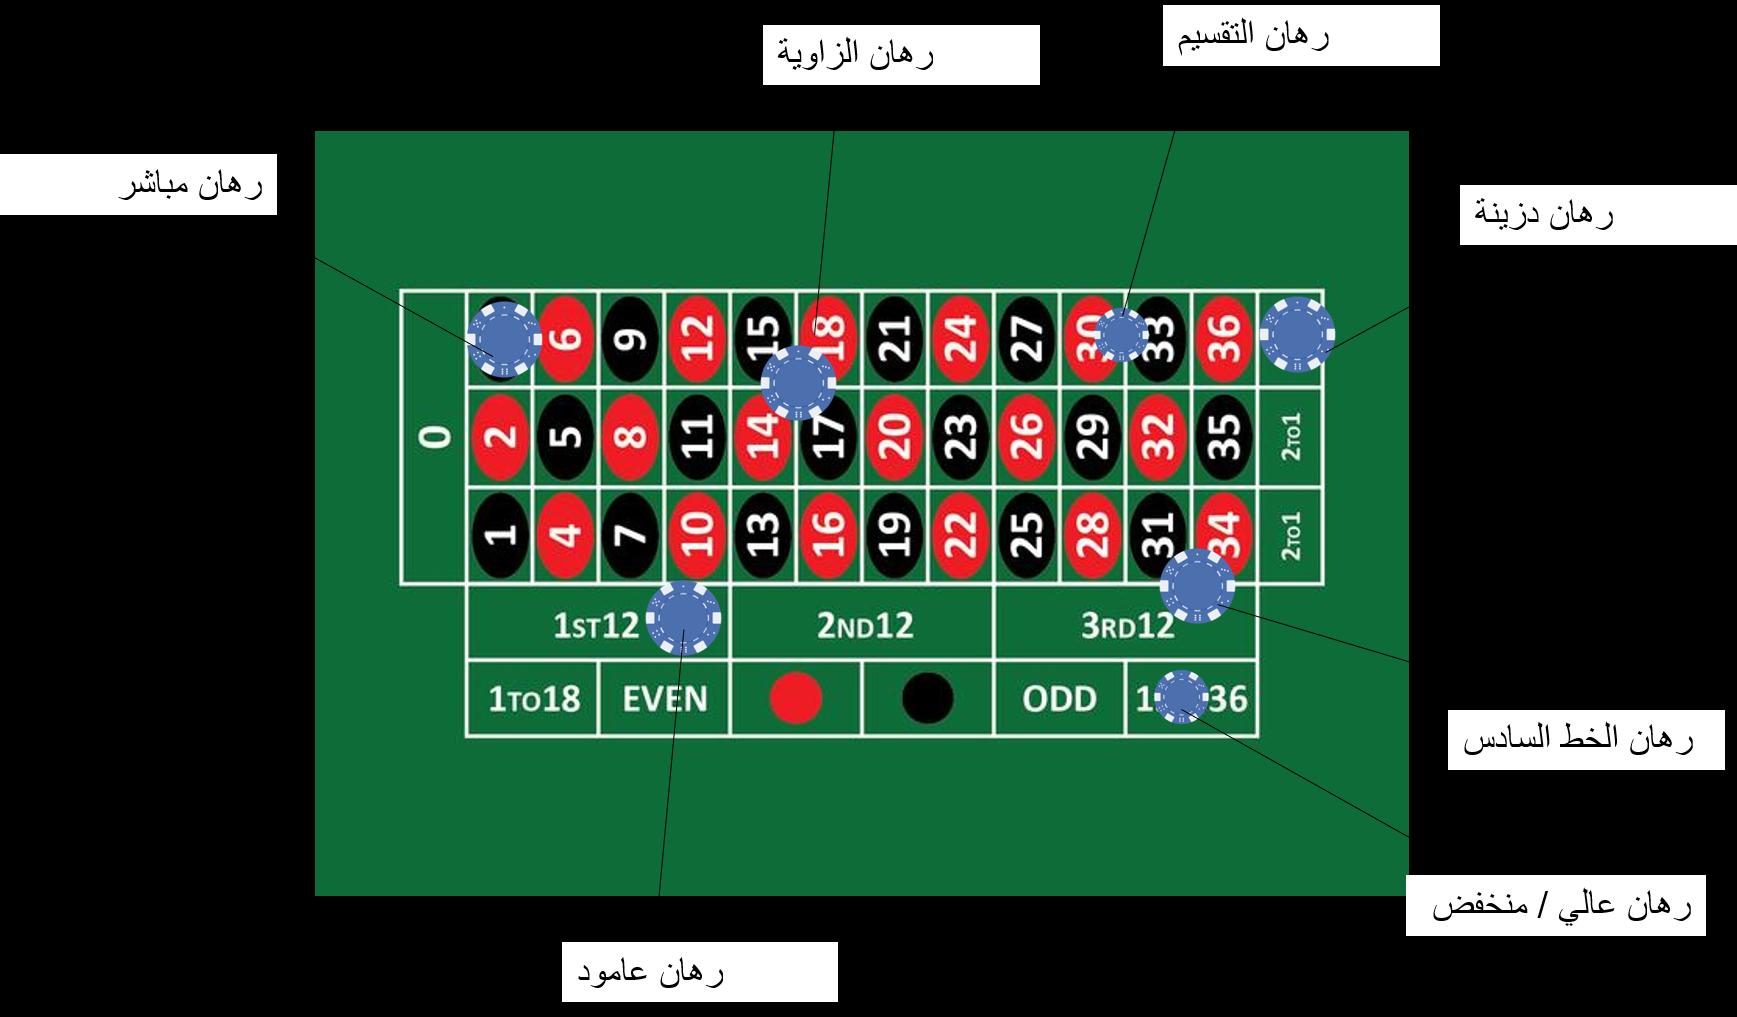 استراتيجية بينجو - 80595